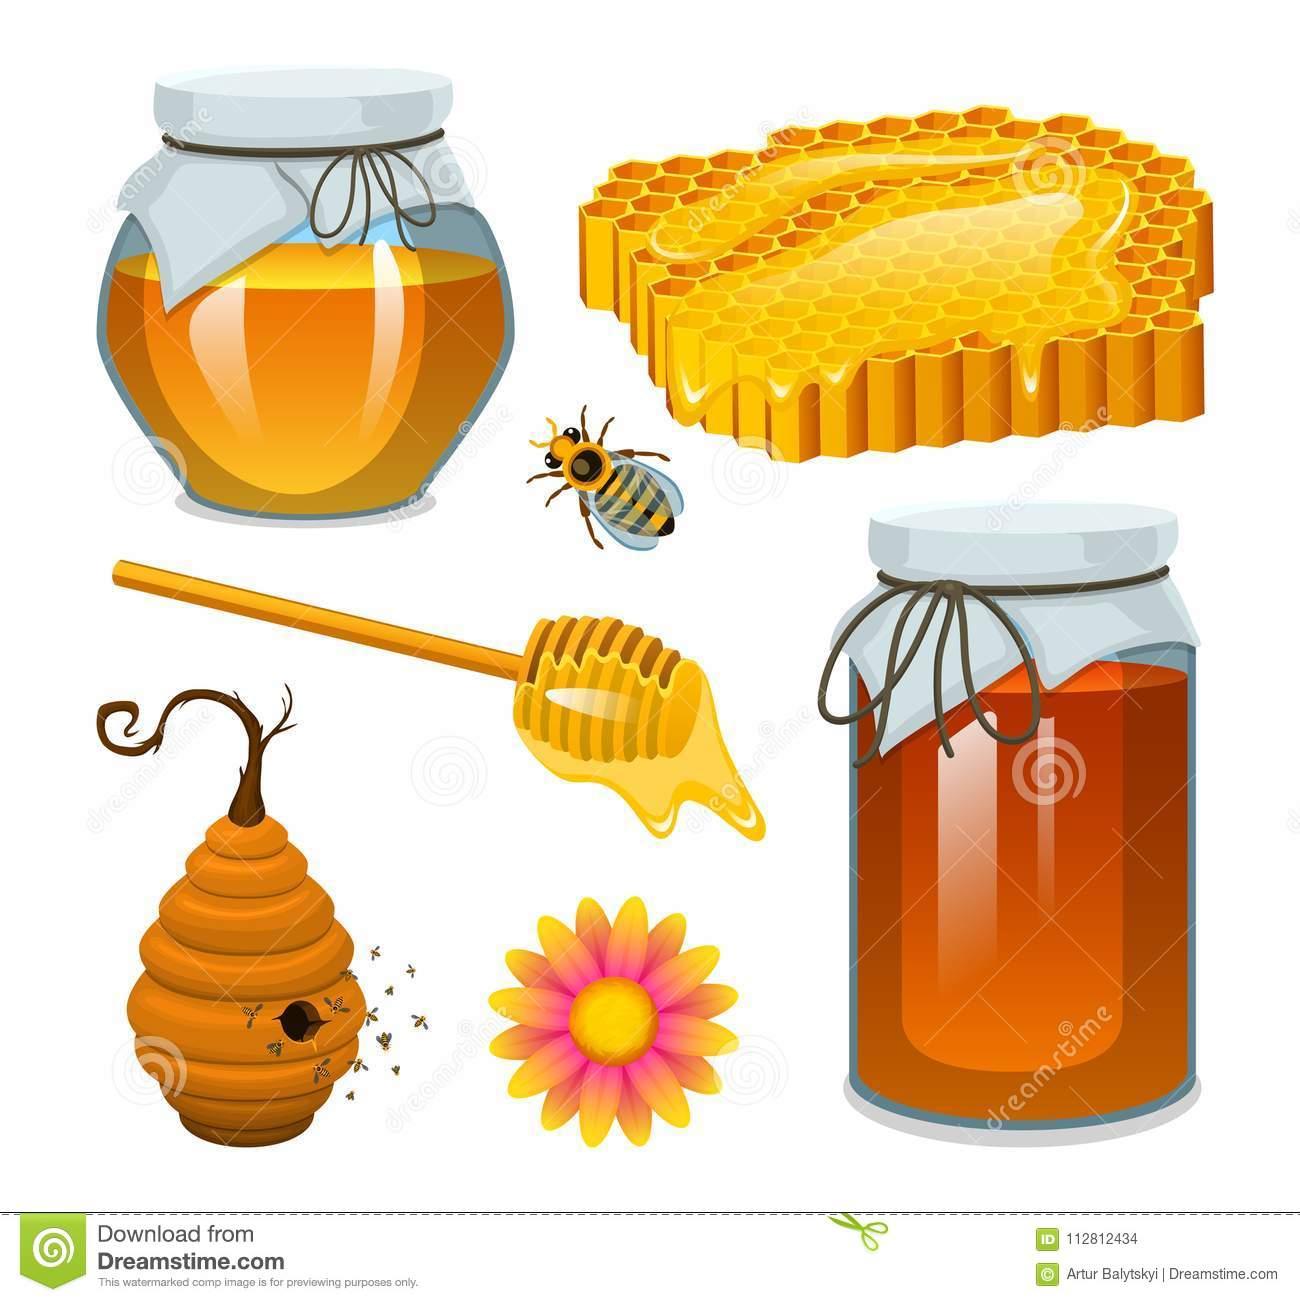 honig im glas biene und bienenstock löffel bienenwabe bienenhaus natürliches landwirtschaftliches produkt imkerei oder garten